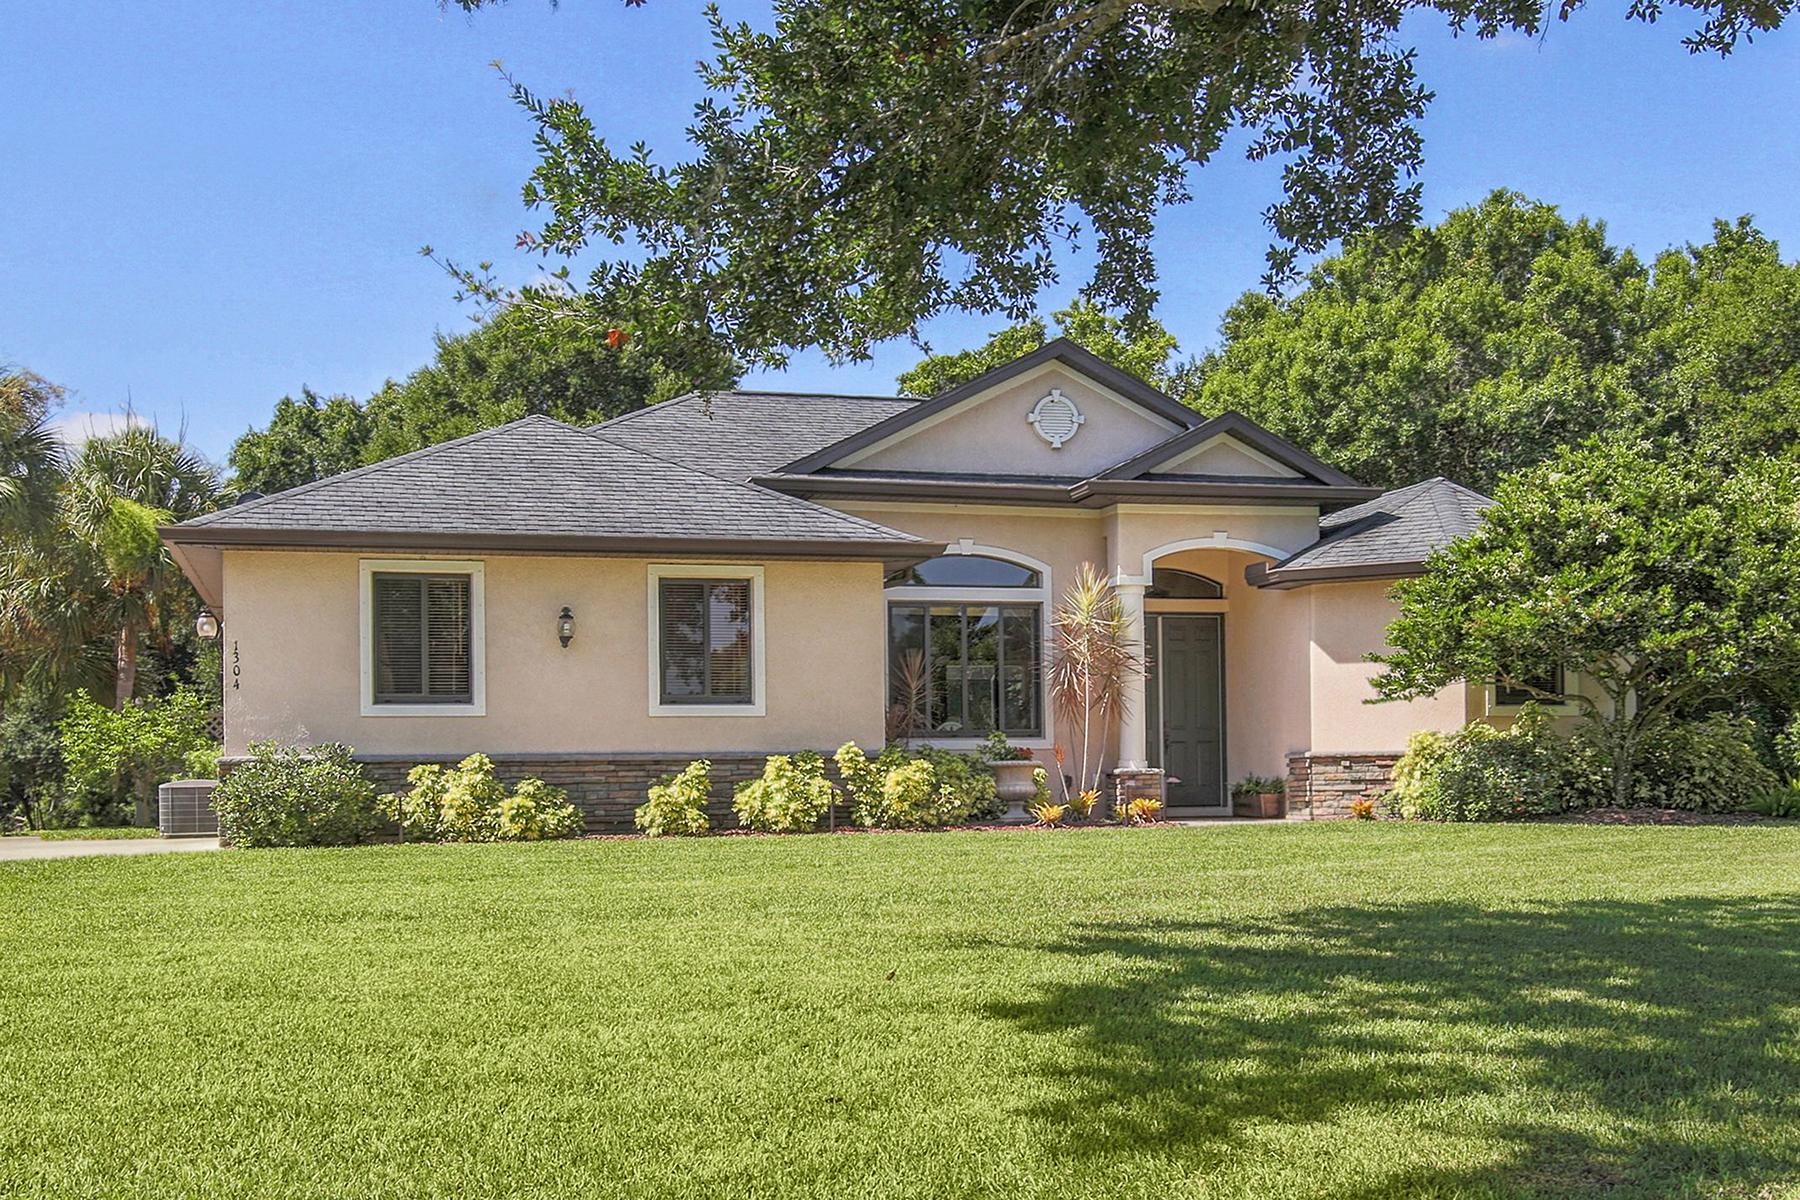 Casa Unifamiliar por un Venta en MISSION VALLEY 1304 Mustang St Nokomis, Florida, 34275 Estados Unidos